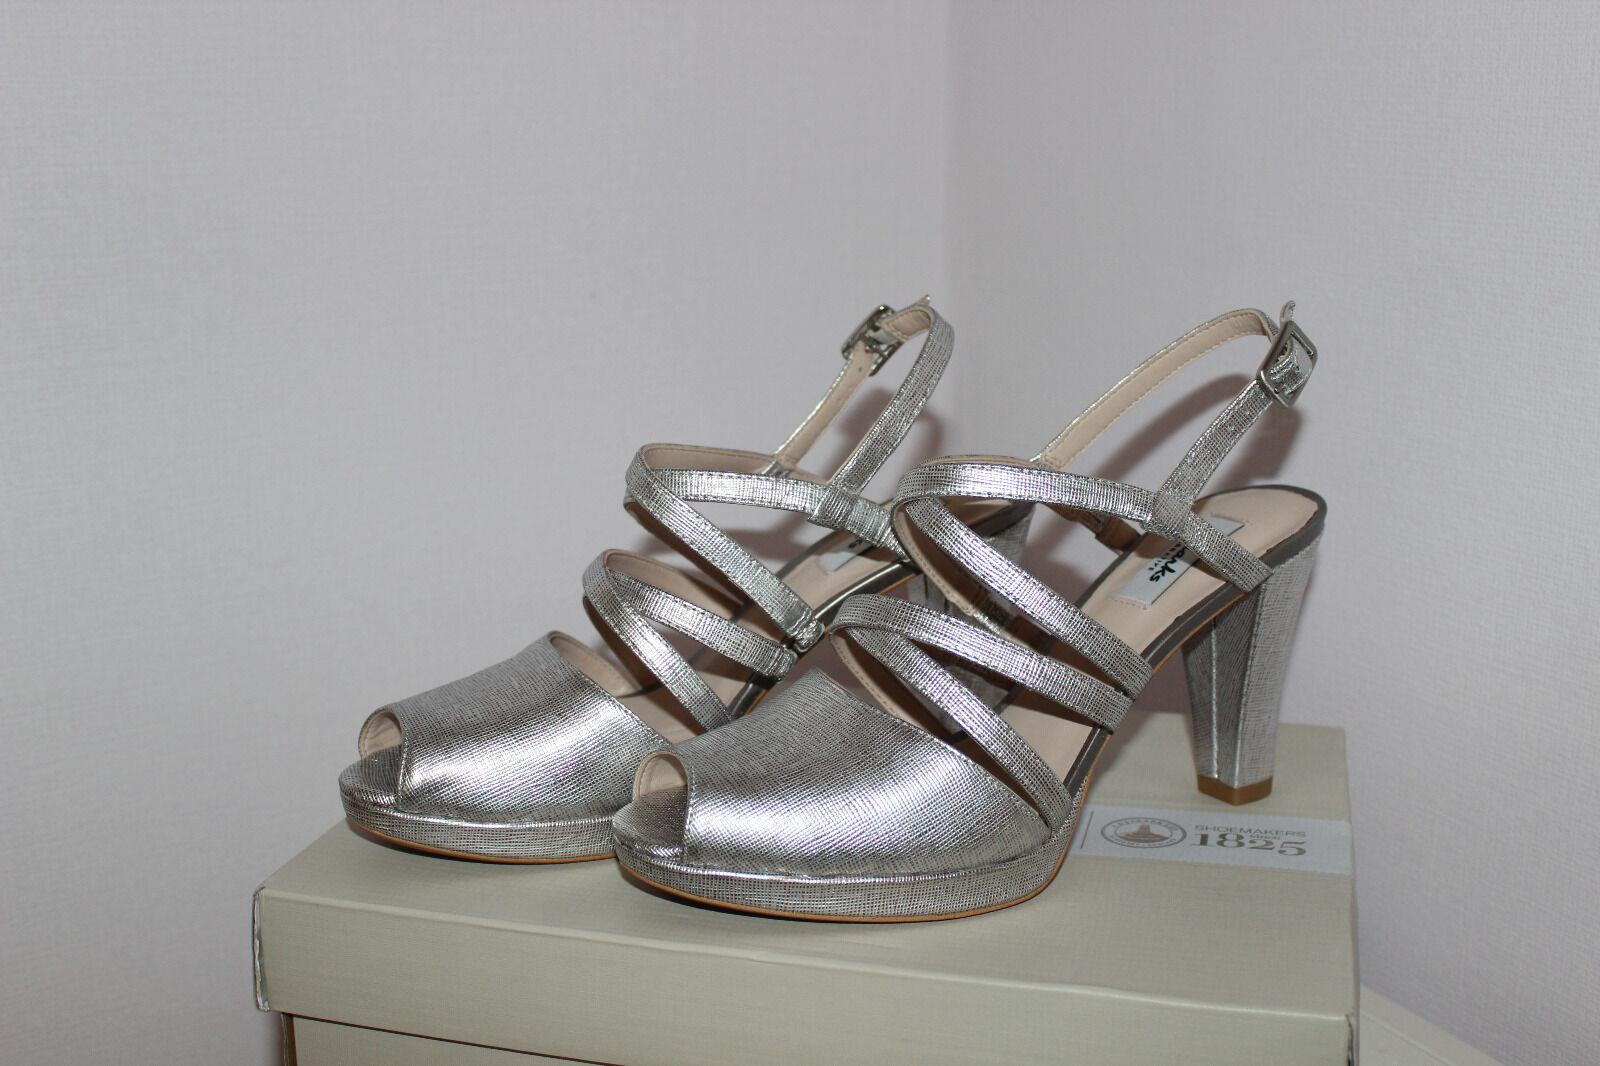 Clarks Kendra Cool, (6 Damen Knöchelriemchen Pumps, Silber Gr.39.5 EU (6 Cool, Damen UK) 8cd8a8